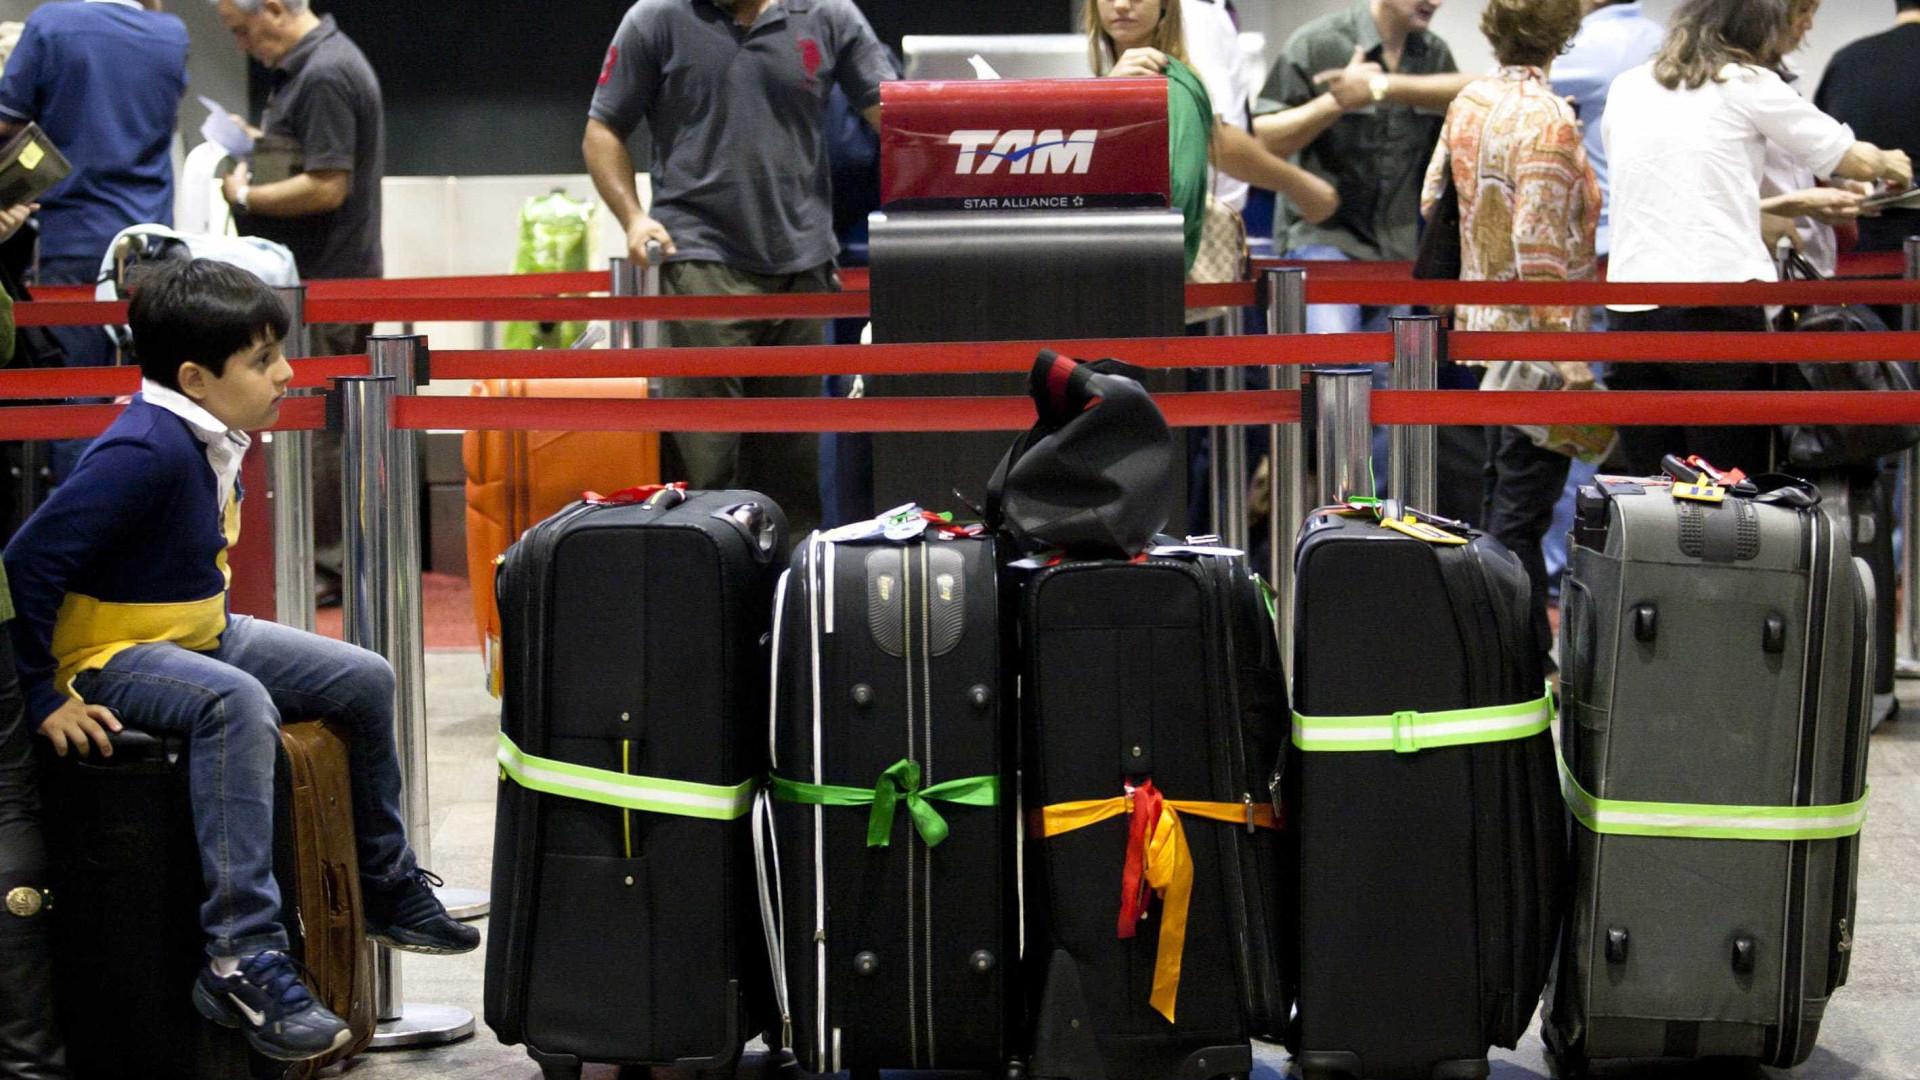 Órgão vai apurar se tarifas foram reduzidas após cobrança de bagagens